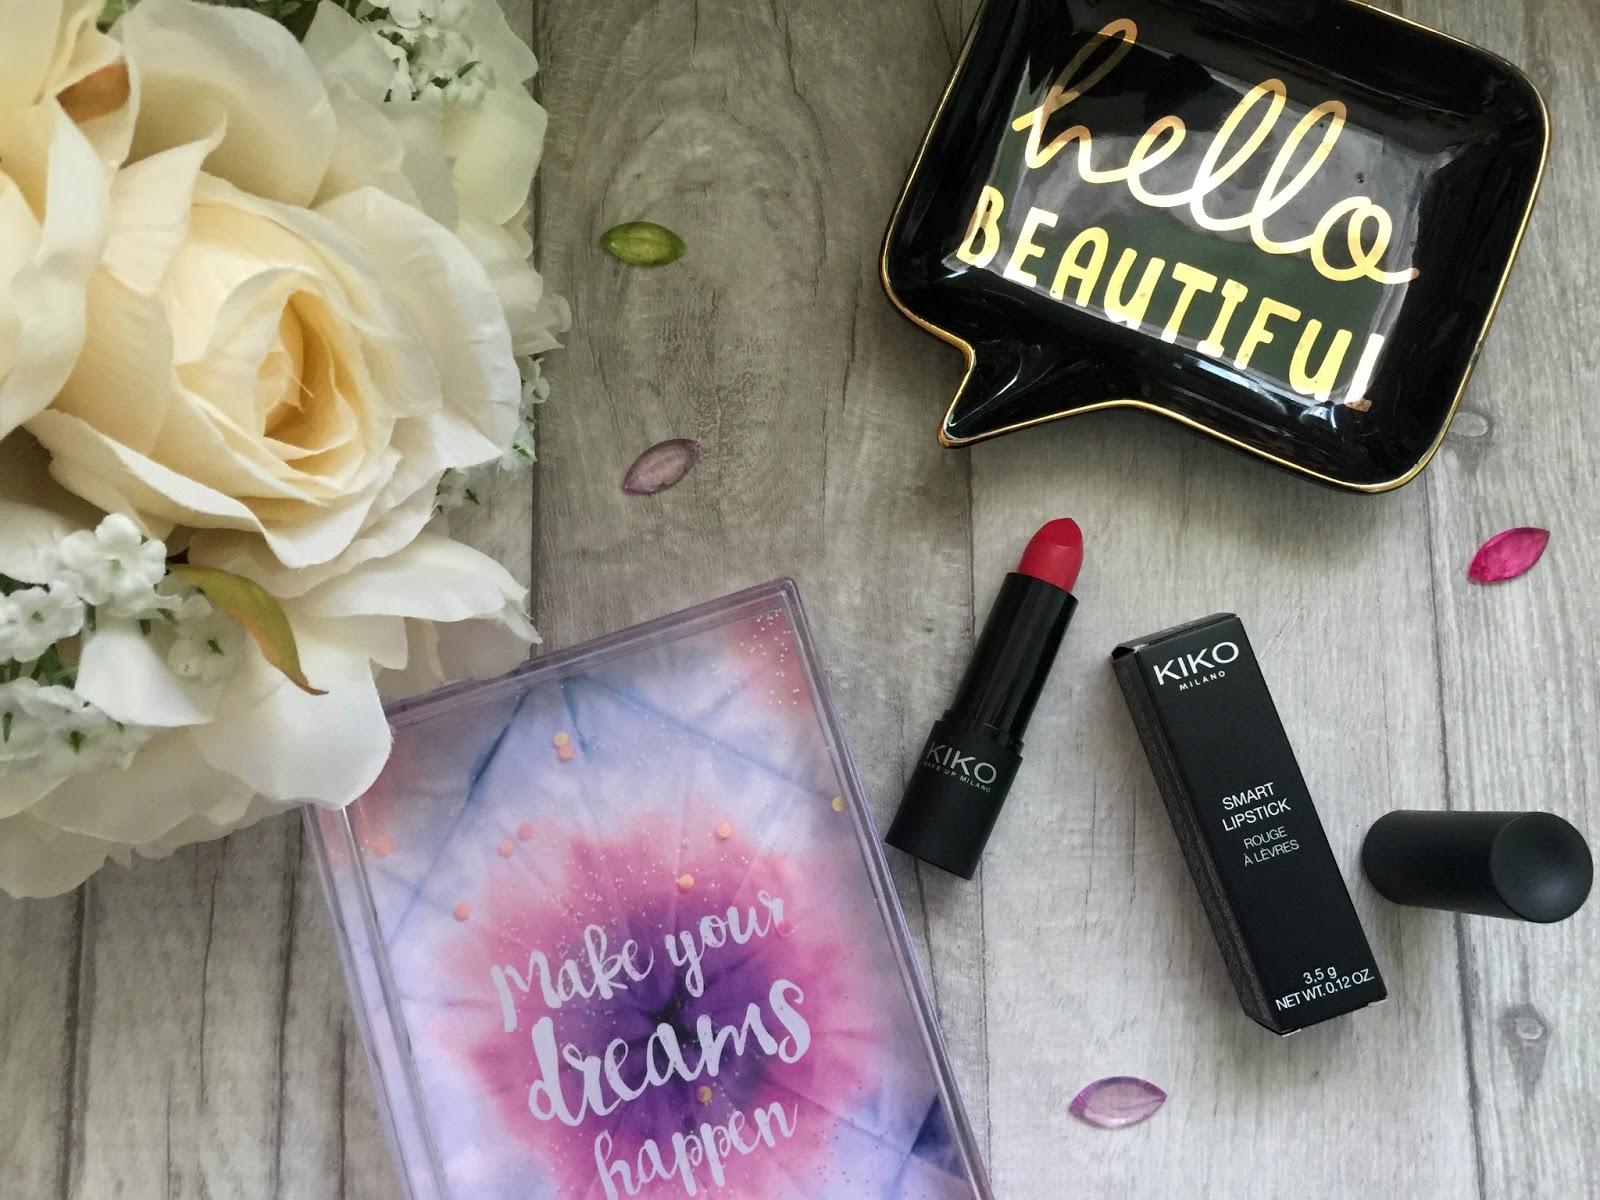 kiko smart lipstick in 912 crimson red